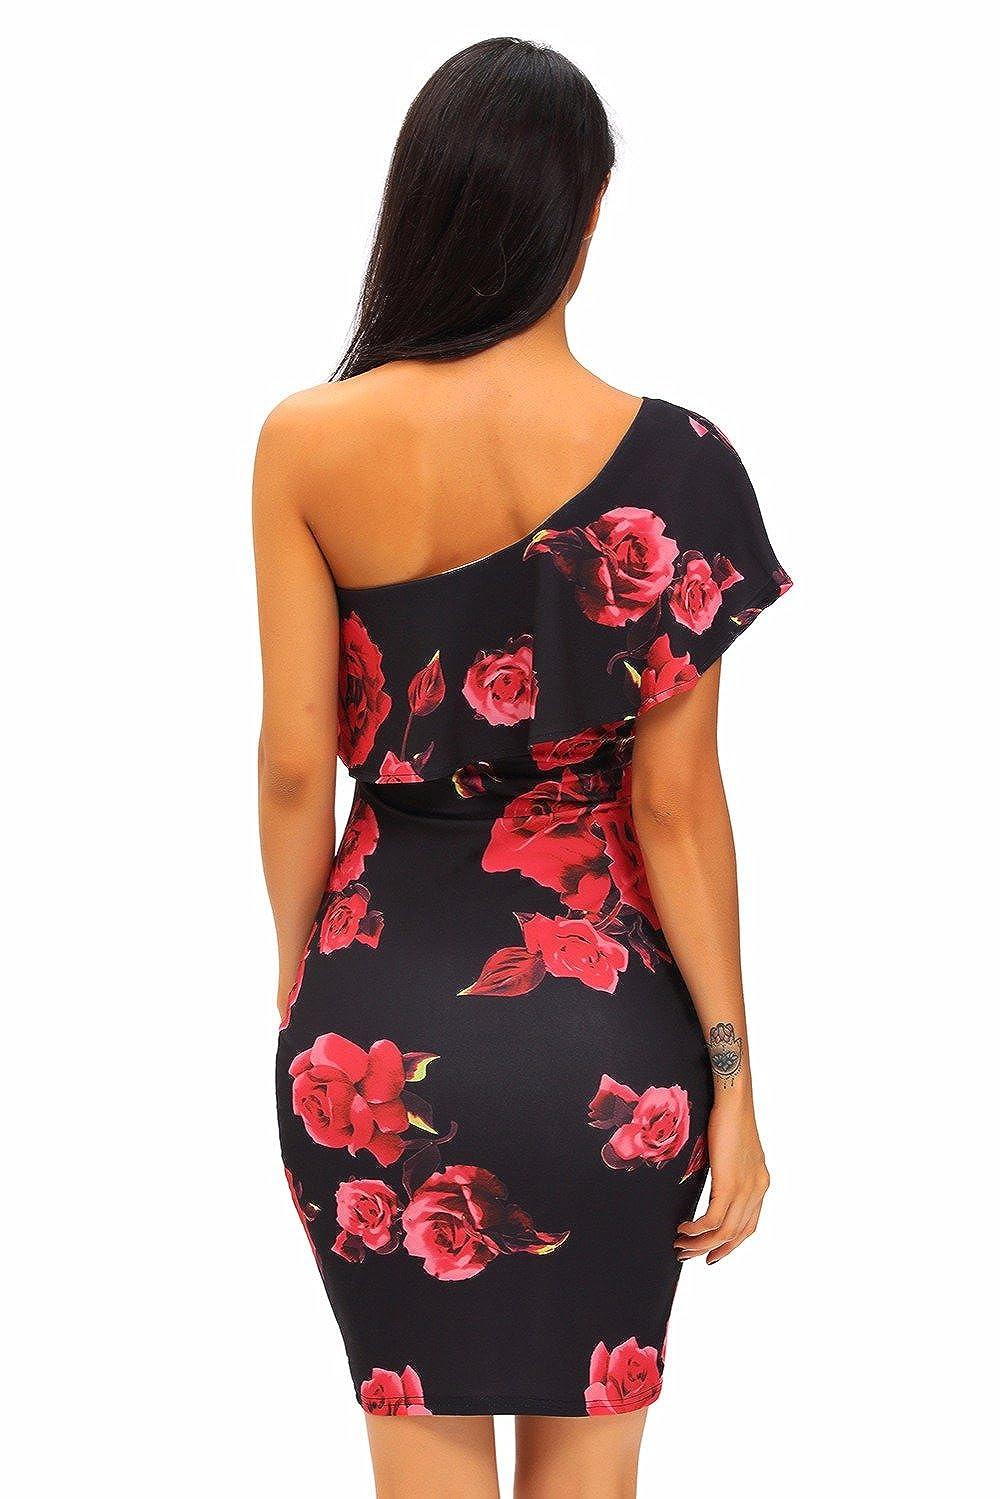 Carolina Dress Vestidos De Fiesta Sexys Cortos Casuales Ropa De Moda Para Mujer De Noche Elegantes Negros Rojos VE0039 at Amazon Womens Clothing store: